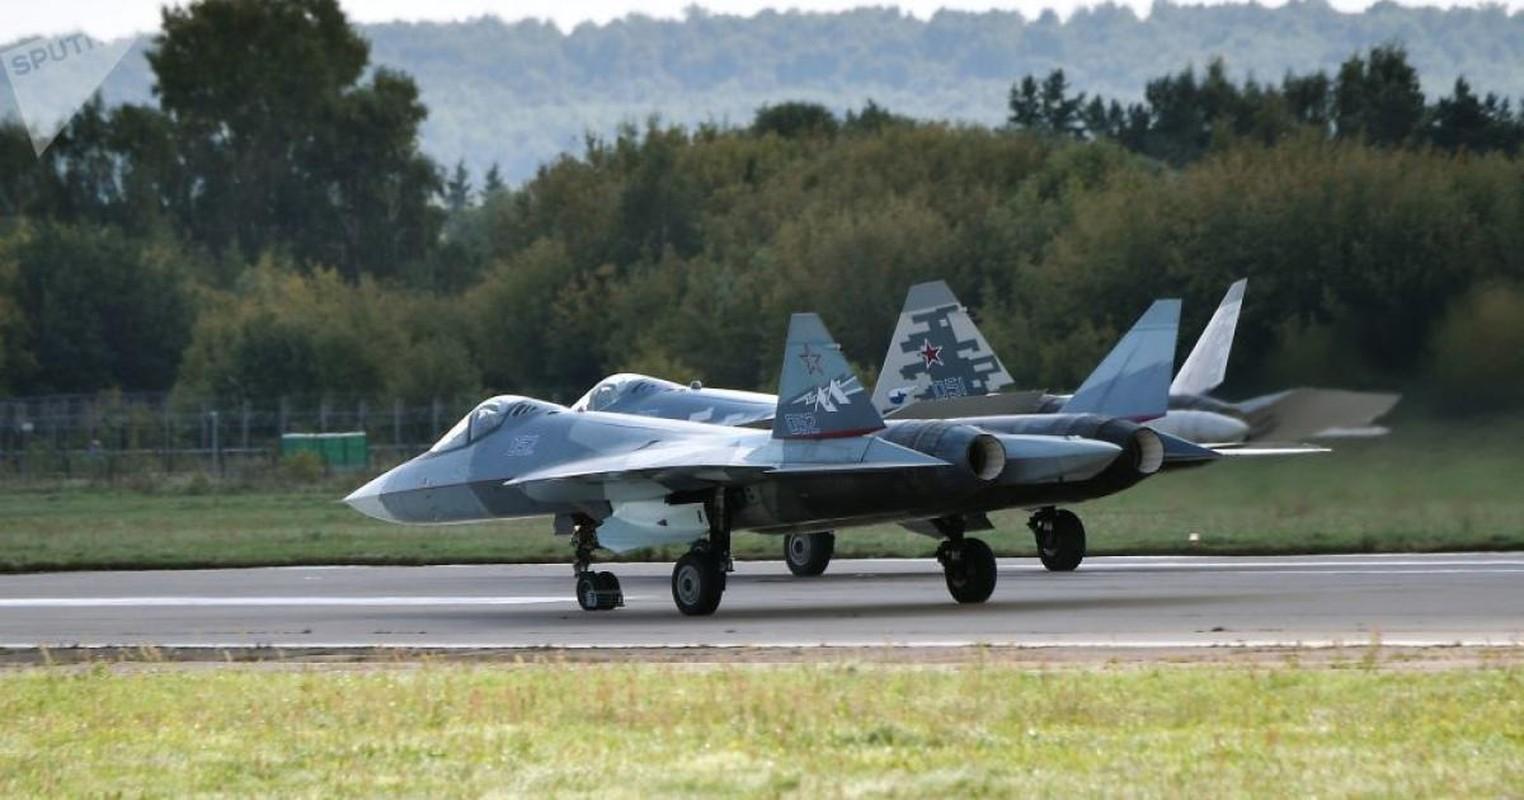 Neu J-20 TQ trien khai o Tan Cuong, An Do se co Su-57E doi dau?-Hinh-8